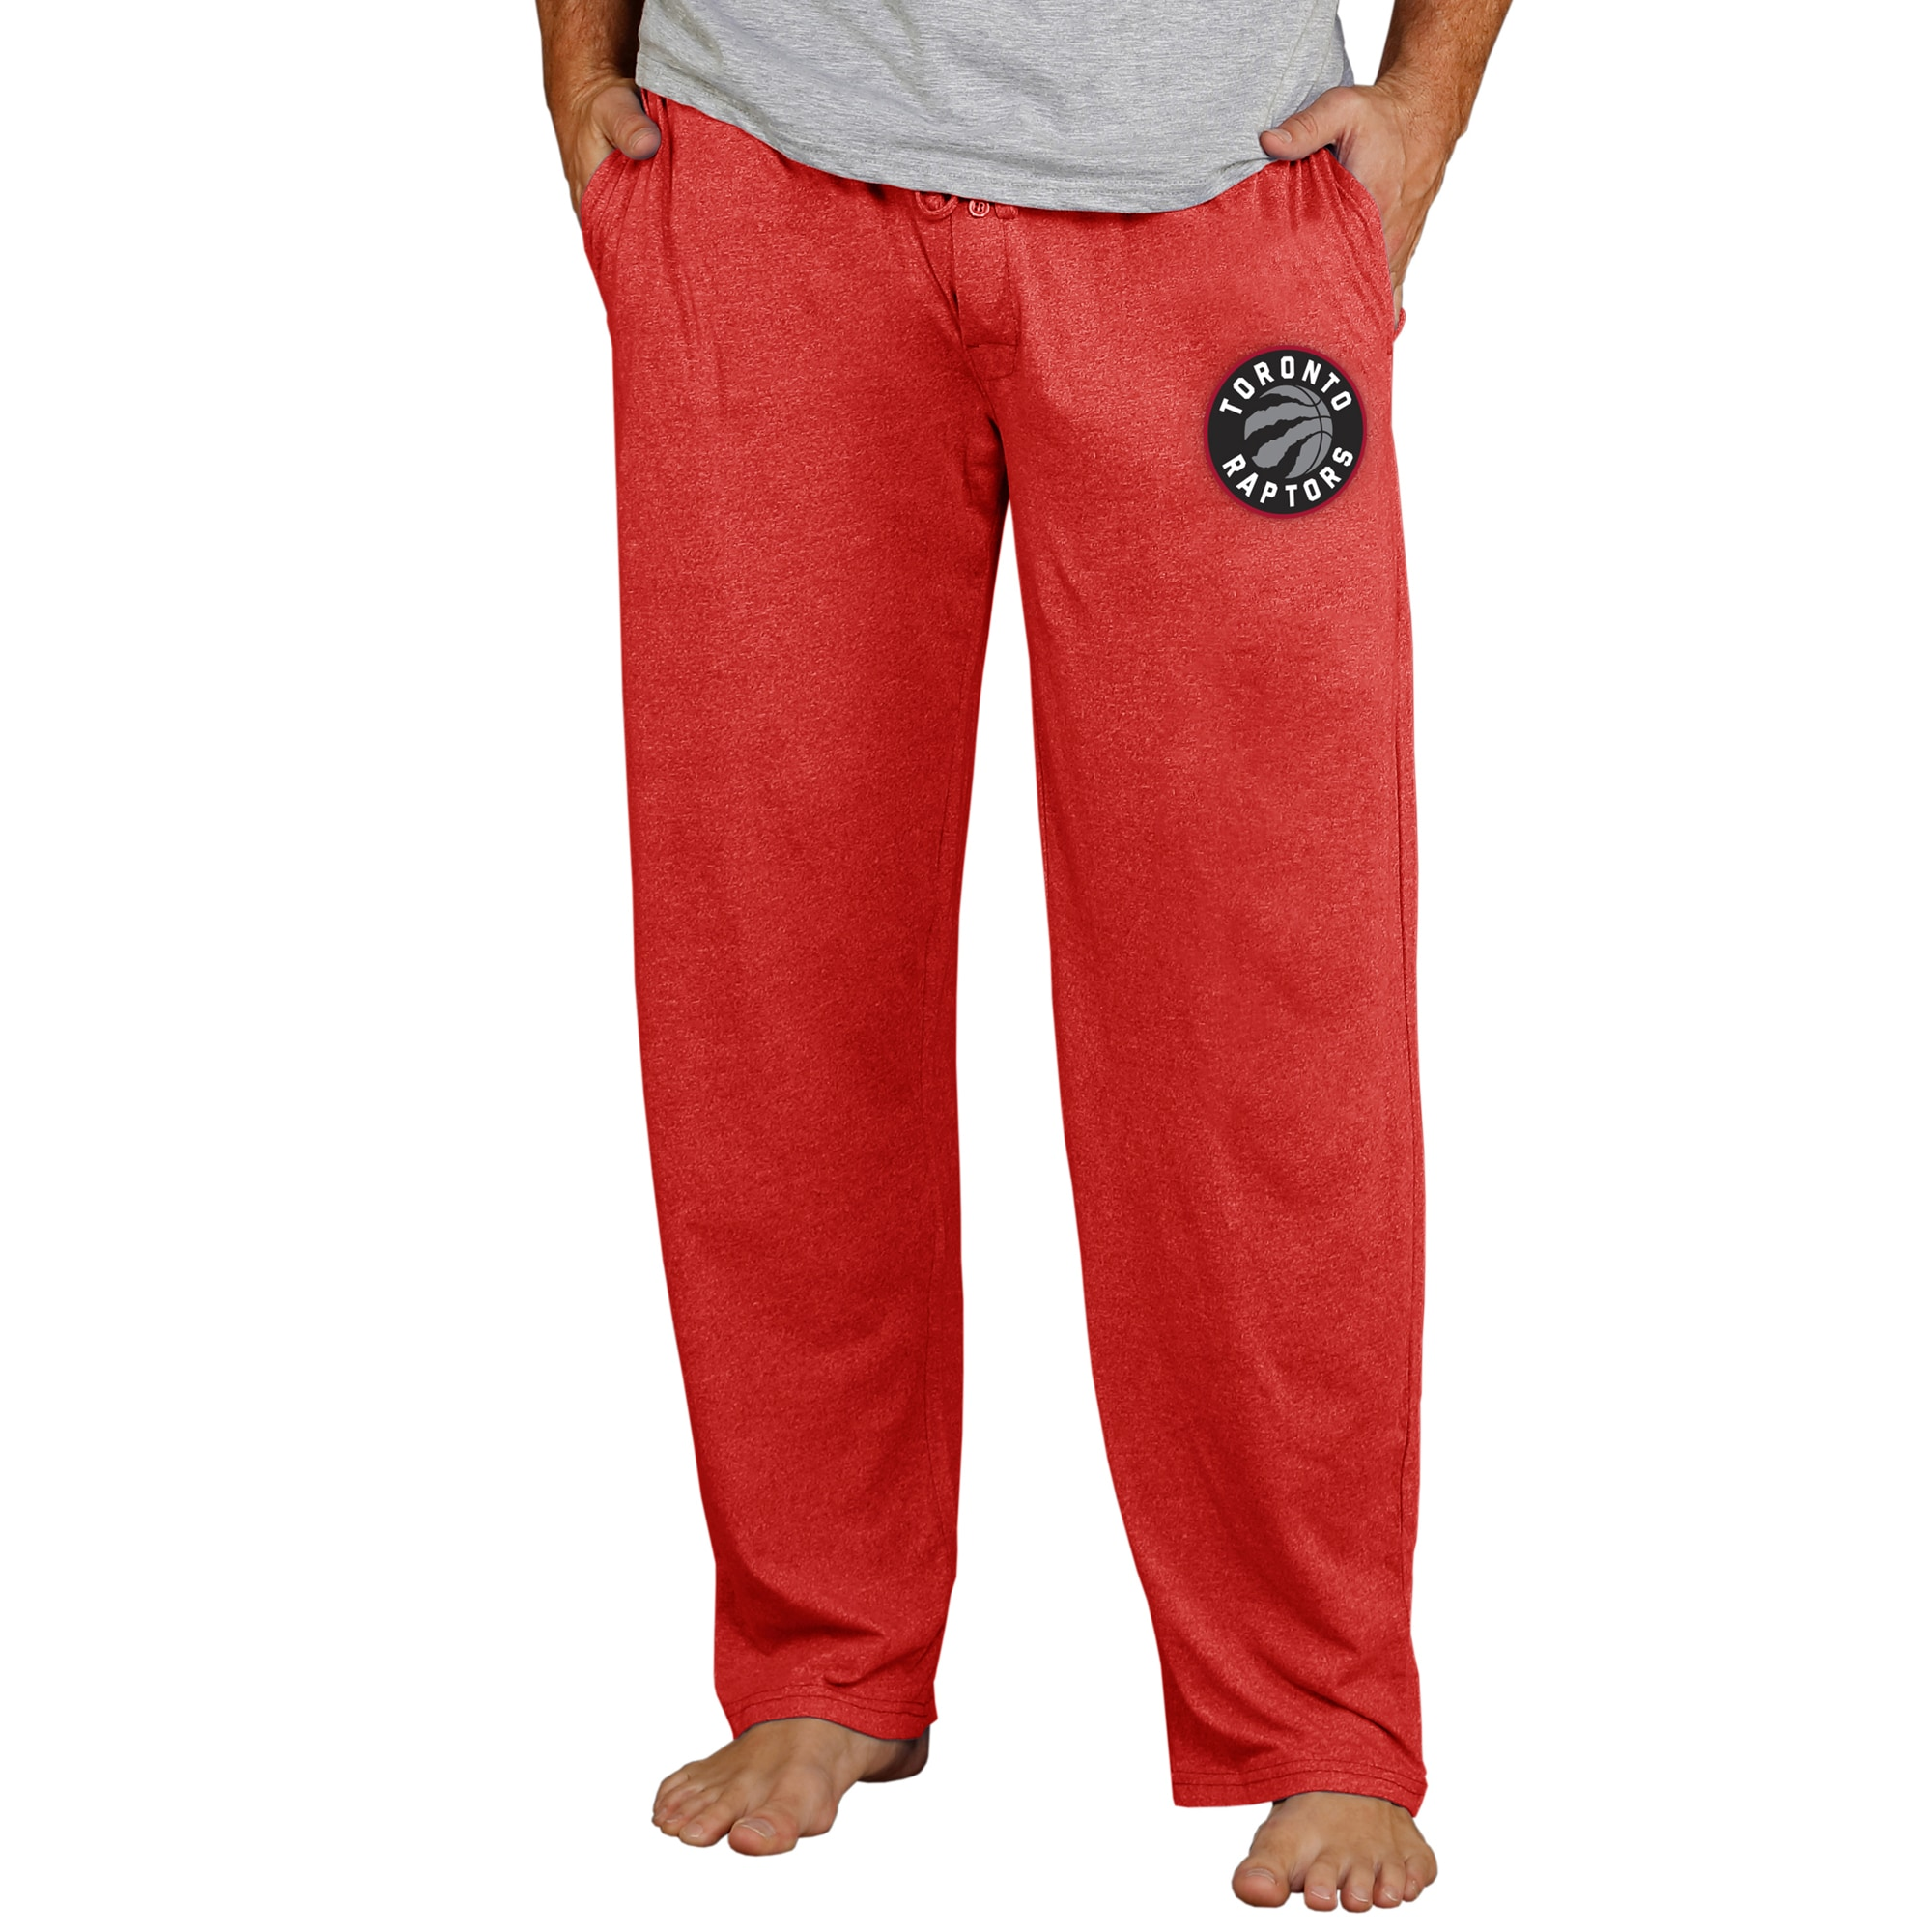 Toronto Raptors Concepts Sport Quest Knit Lounge Pants - Red